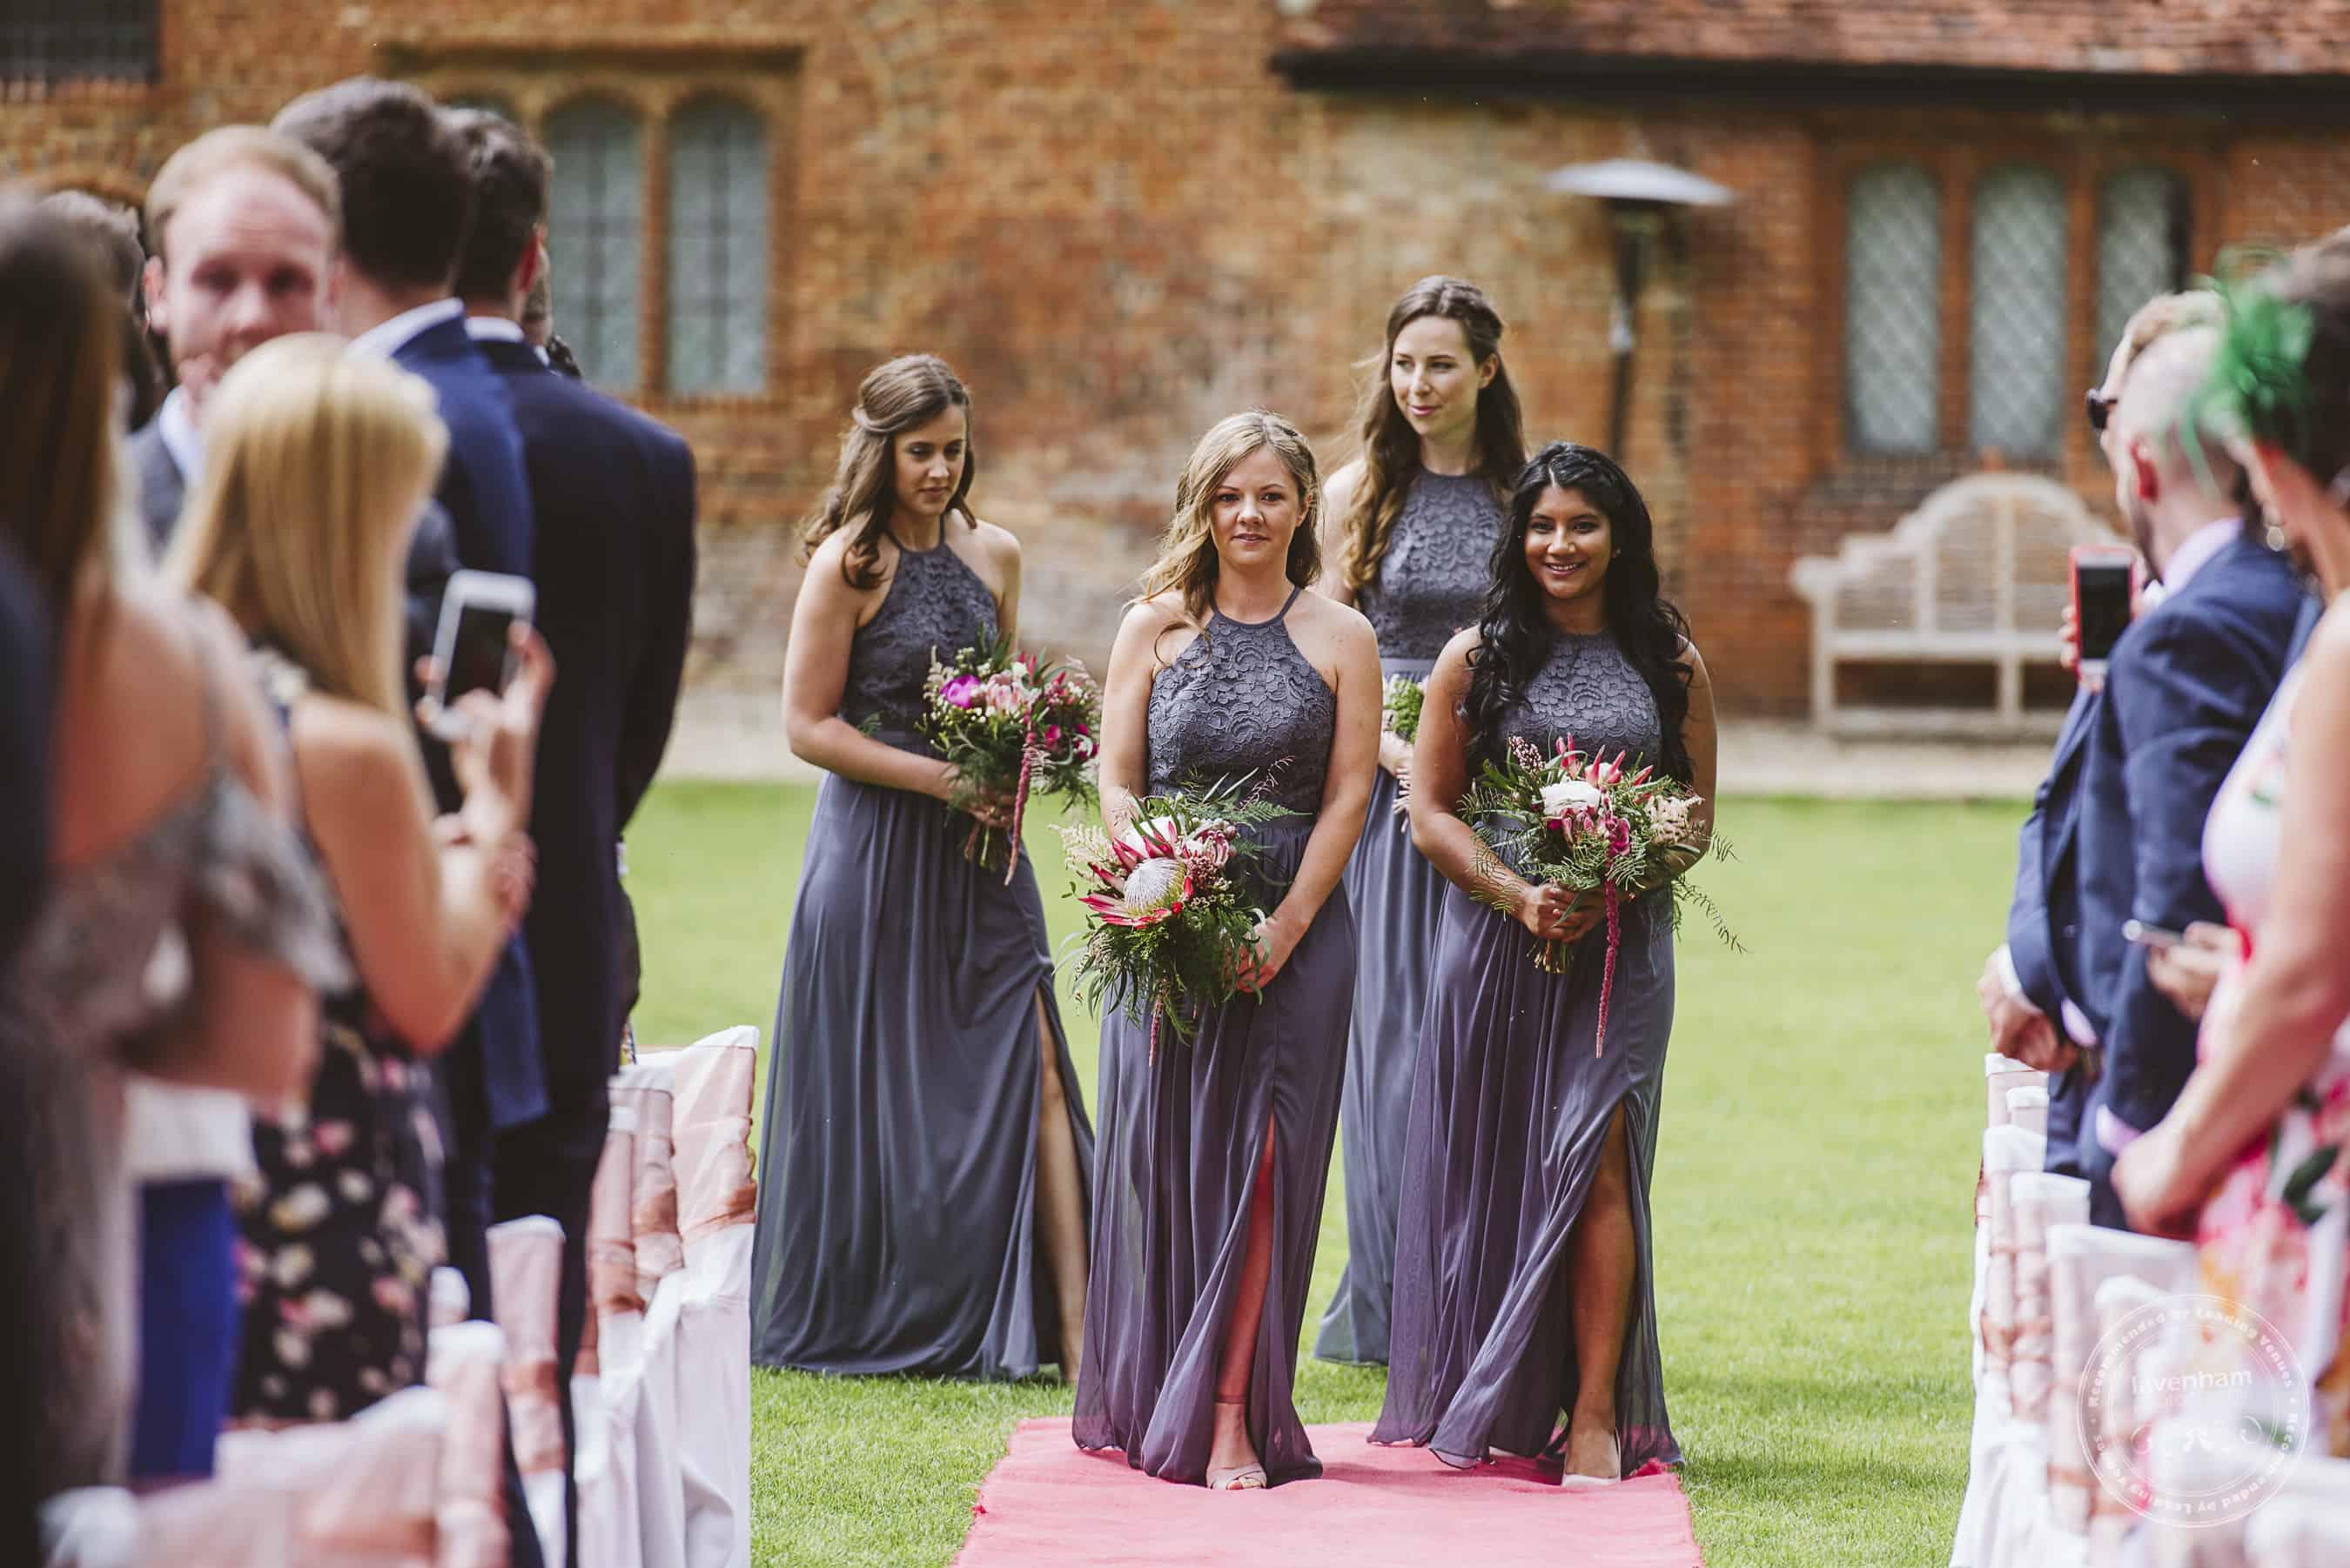 020618 Leez Priory Wedding Photography Lavenham Photographic 047